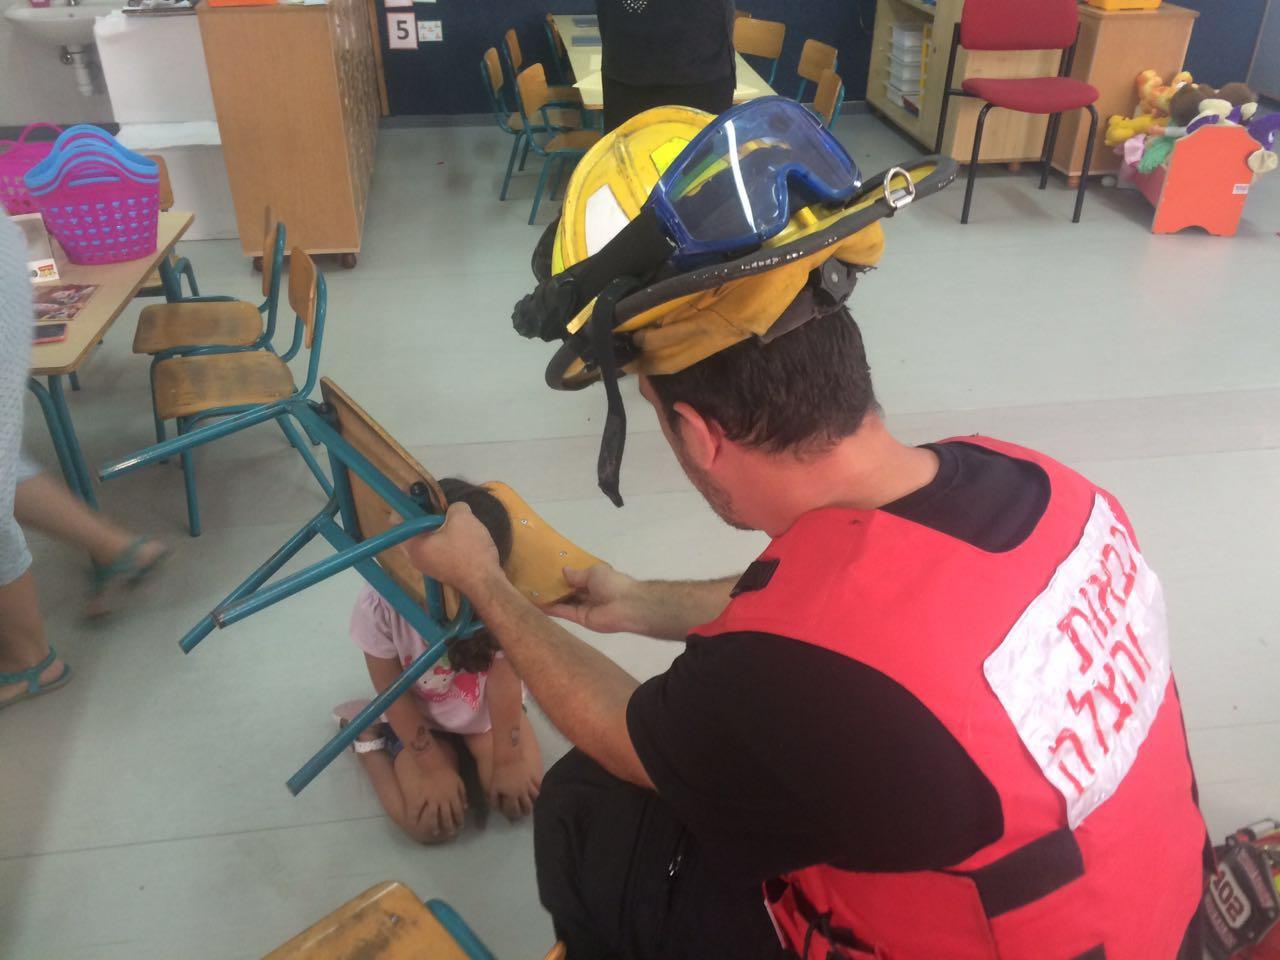 לוחמי האש - פתח תקווה - ילדה בגן ילדים